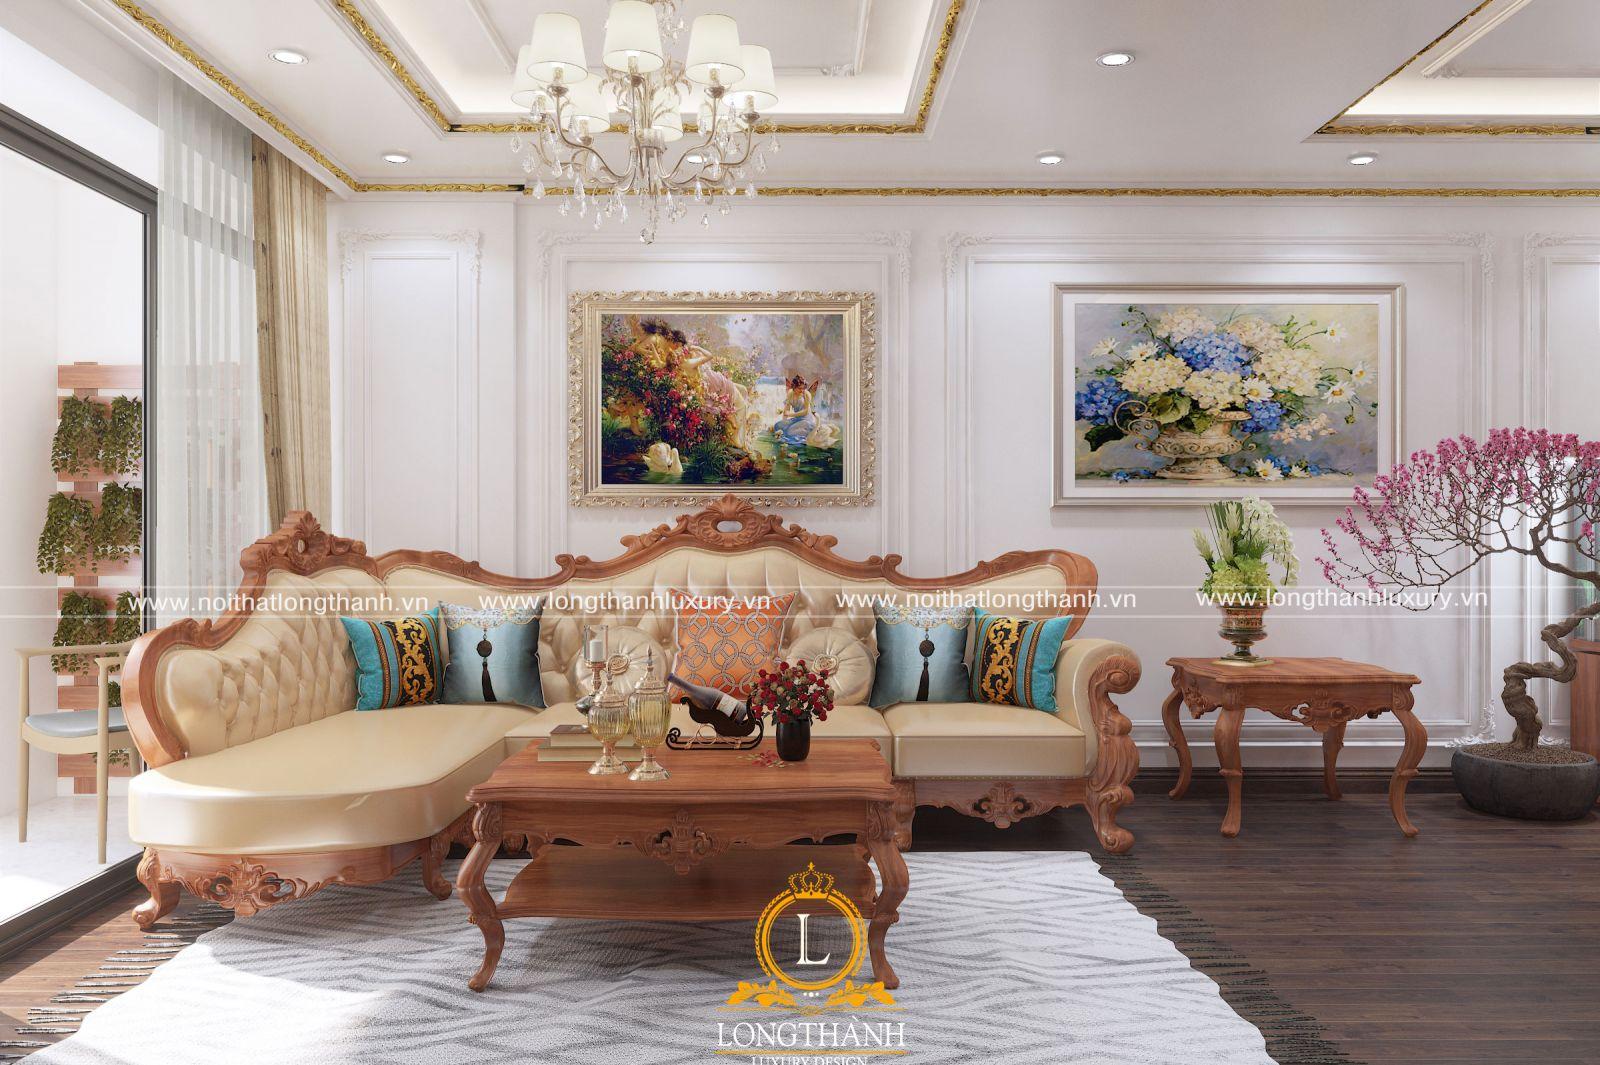 Mẫu thiết kế nội thất phòng khách nhà biệt thự với gỗ Sồi Mỹ